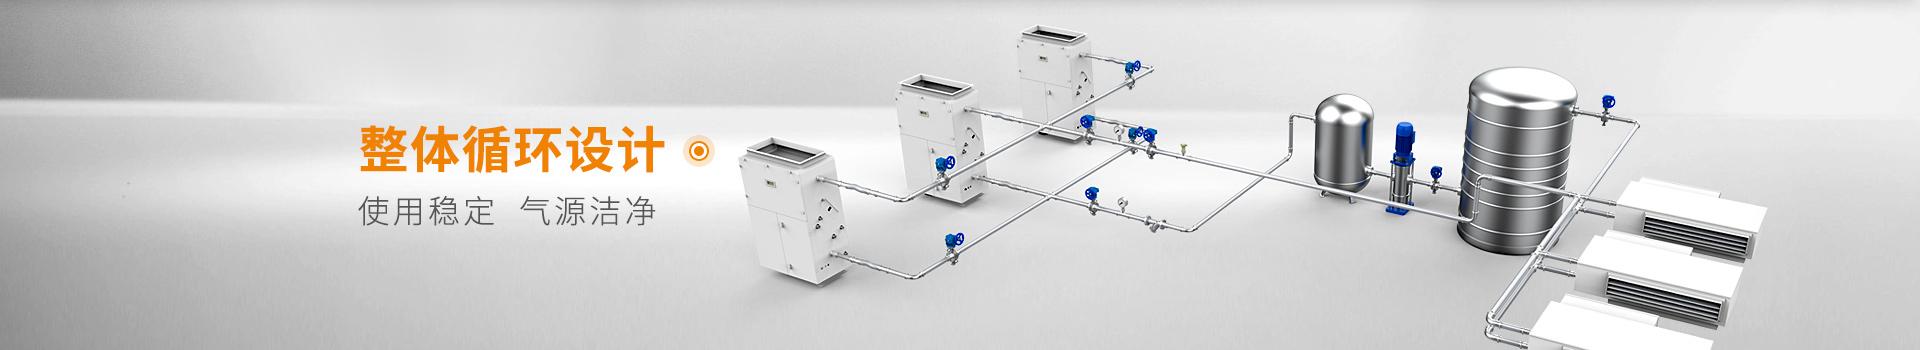 卡狮管业暖通管道系统 整体循环设计